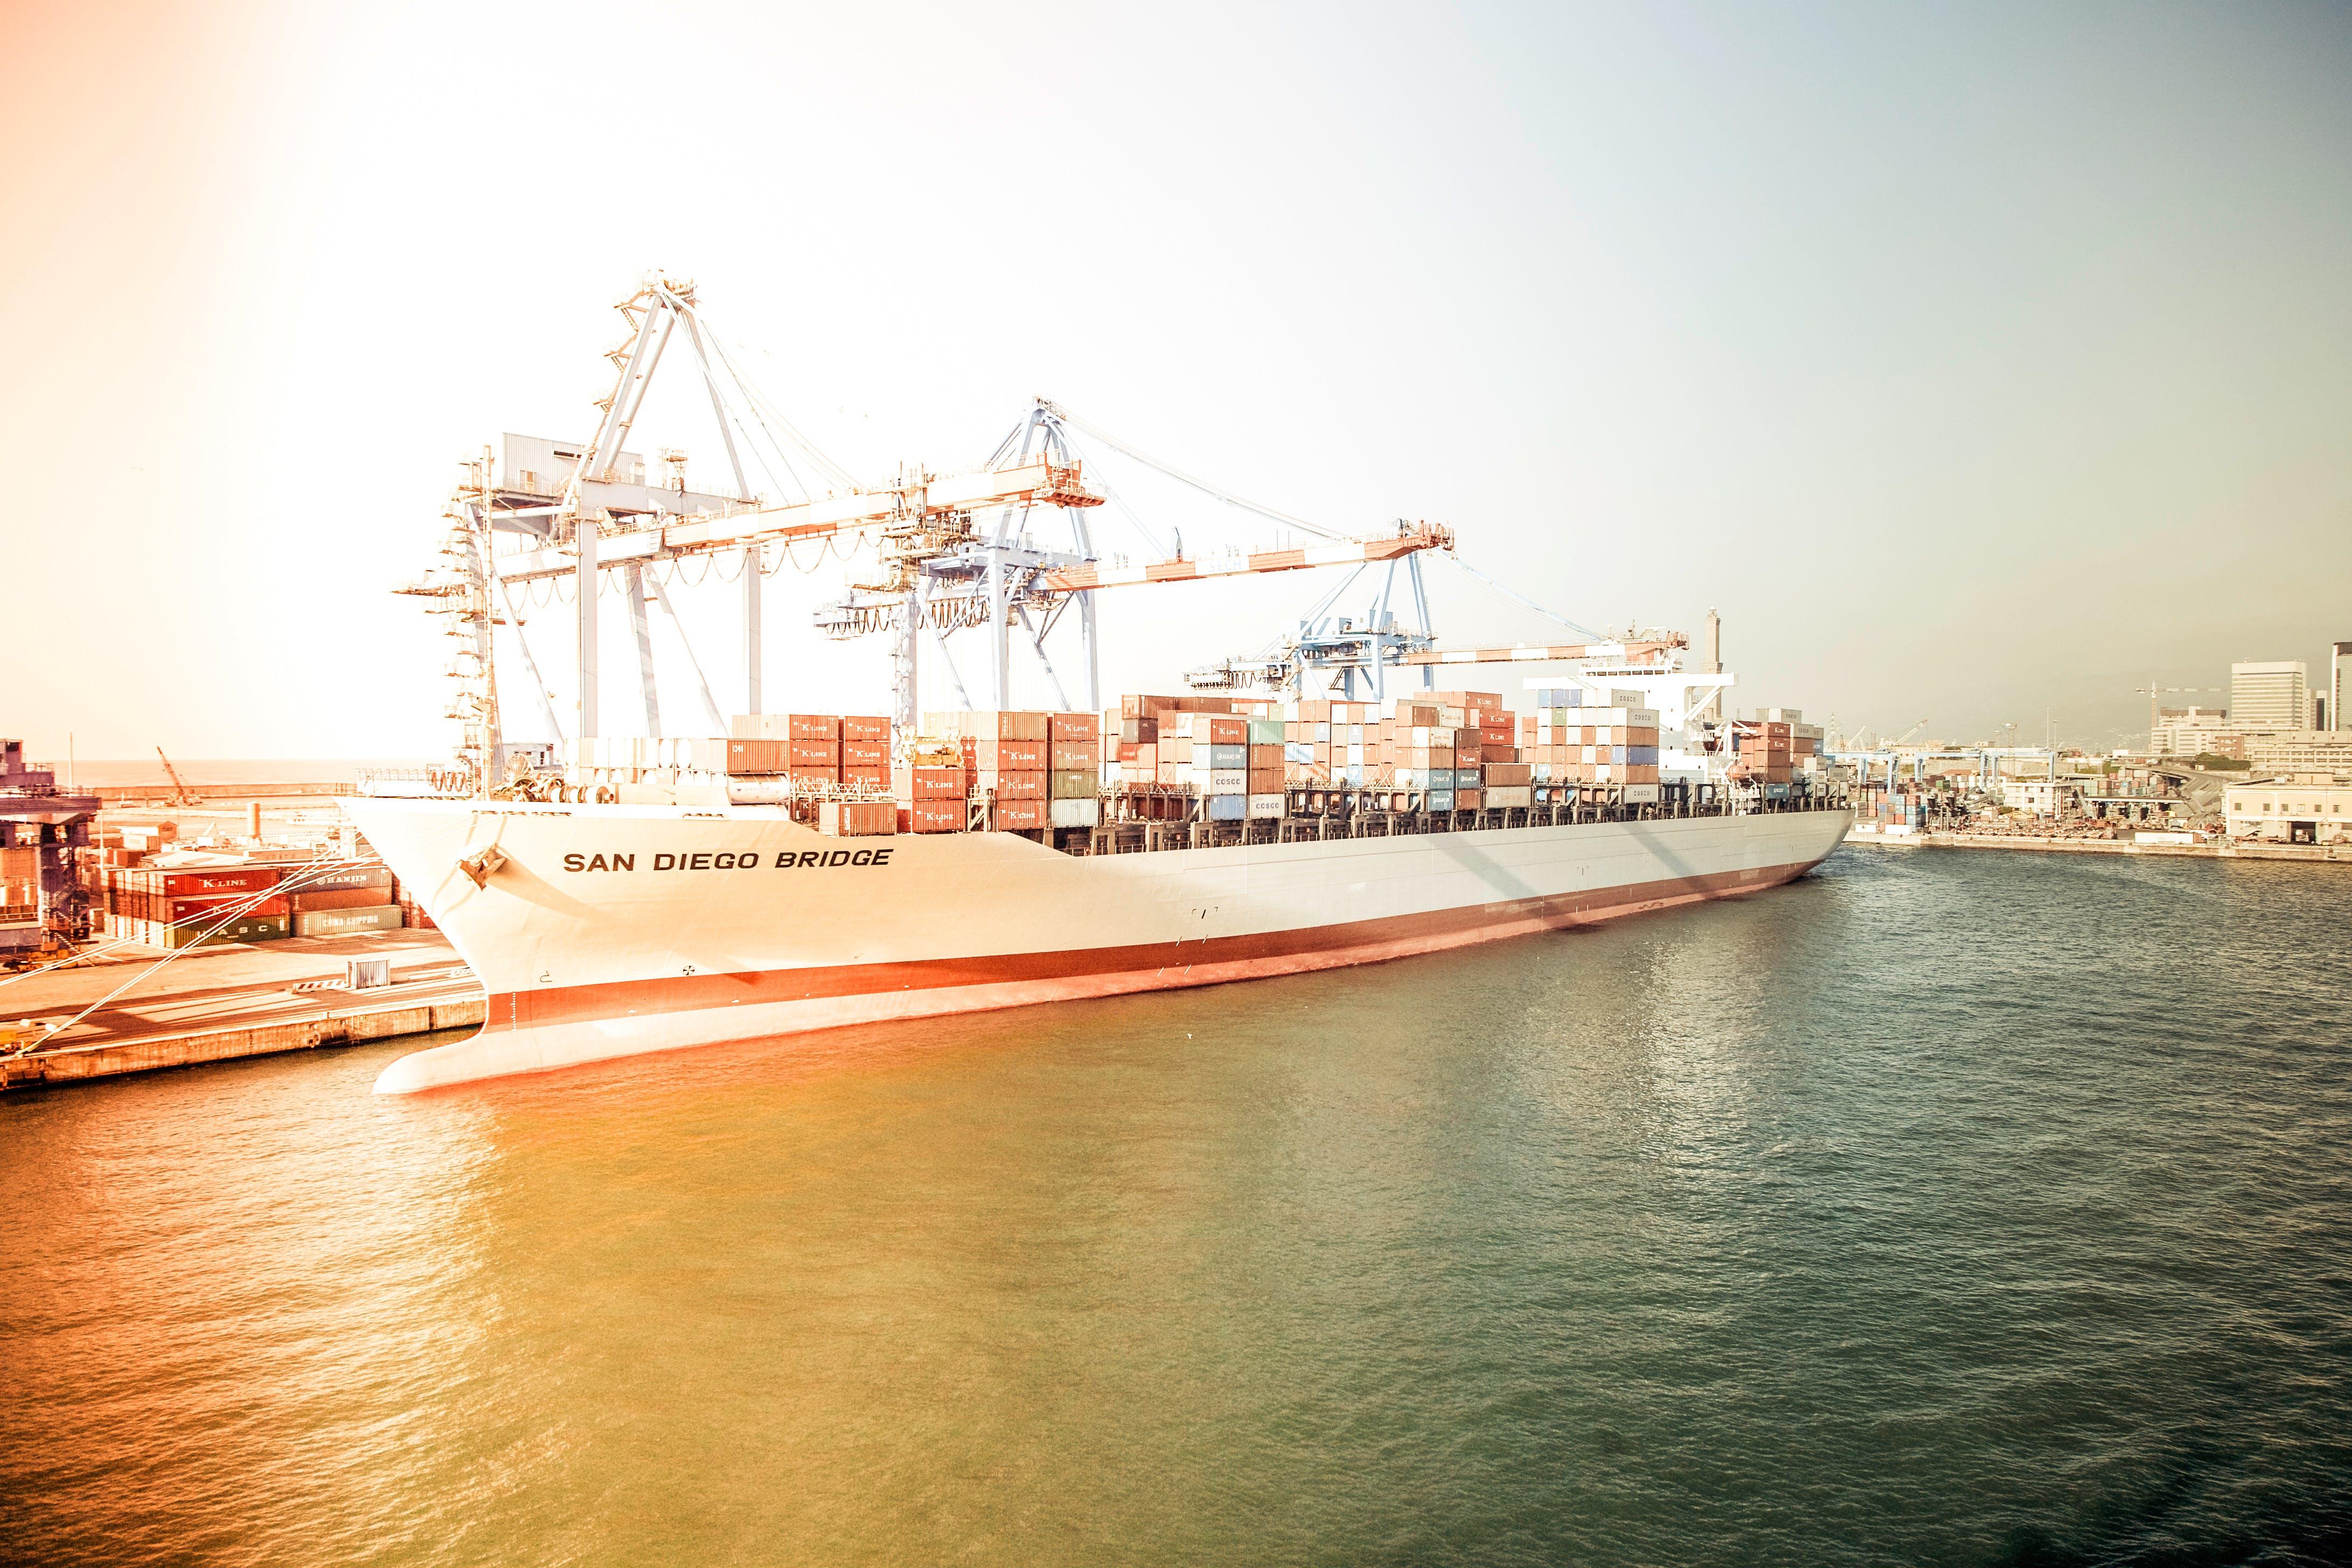 White and Orange Cargo Ship Docking during Daytime